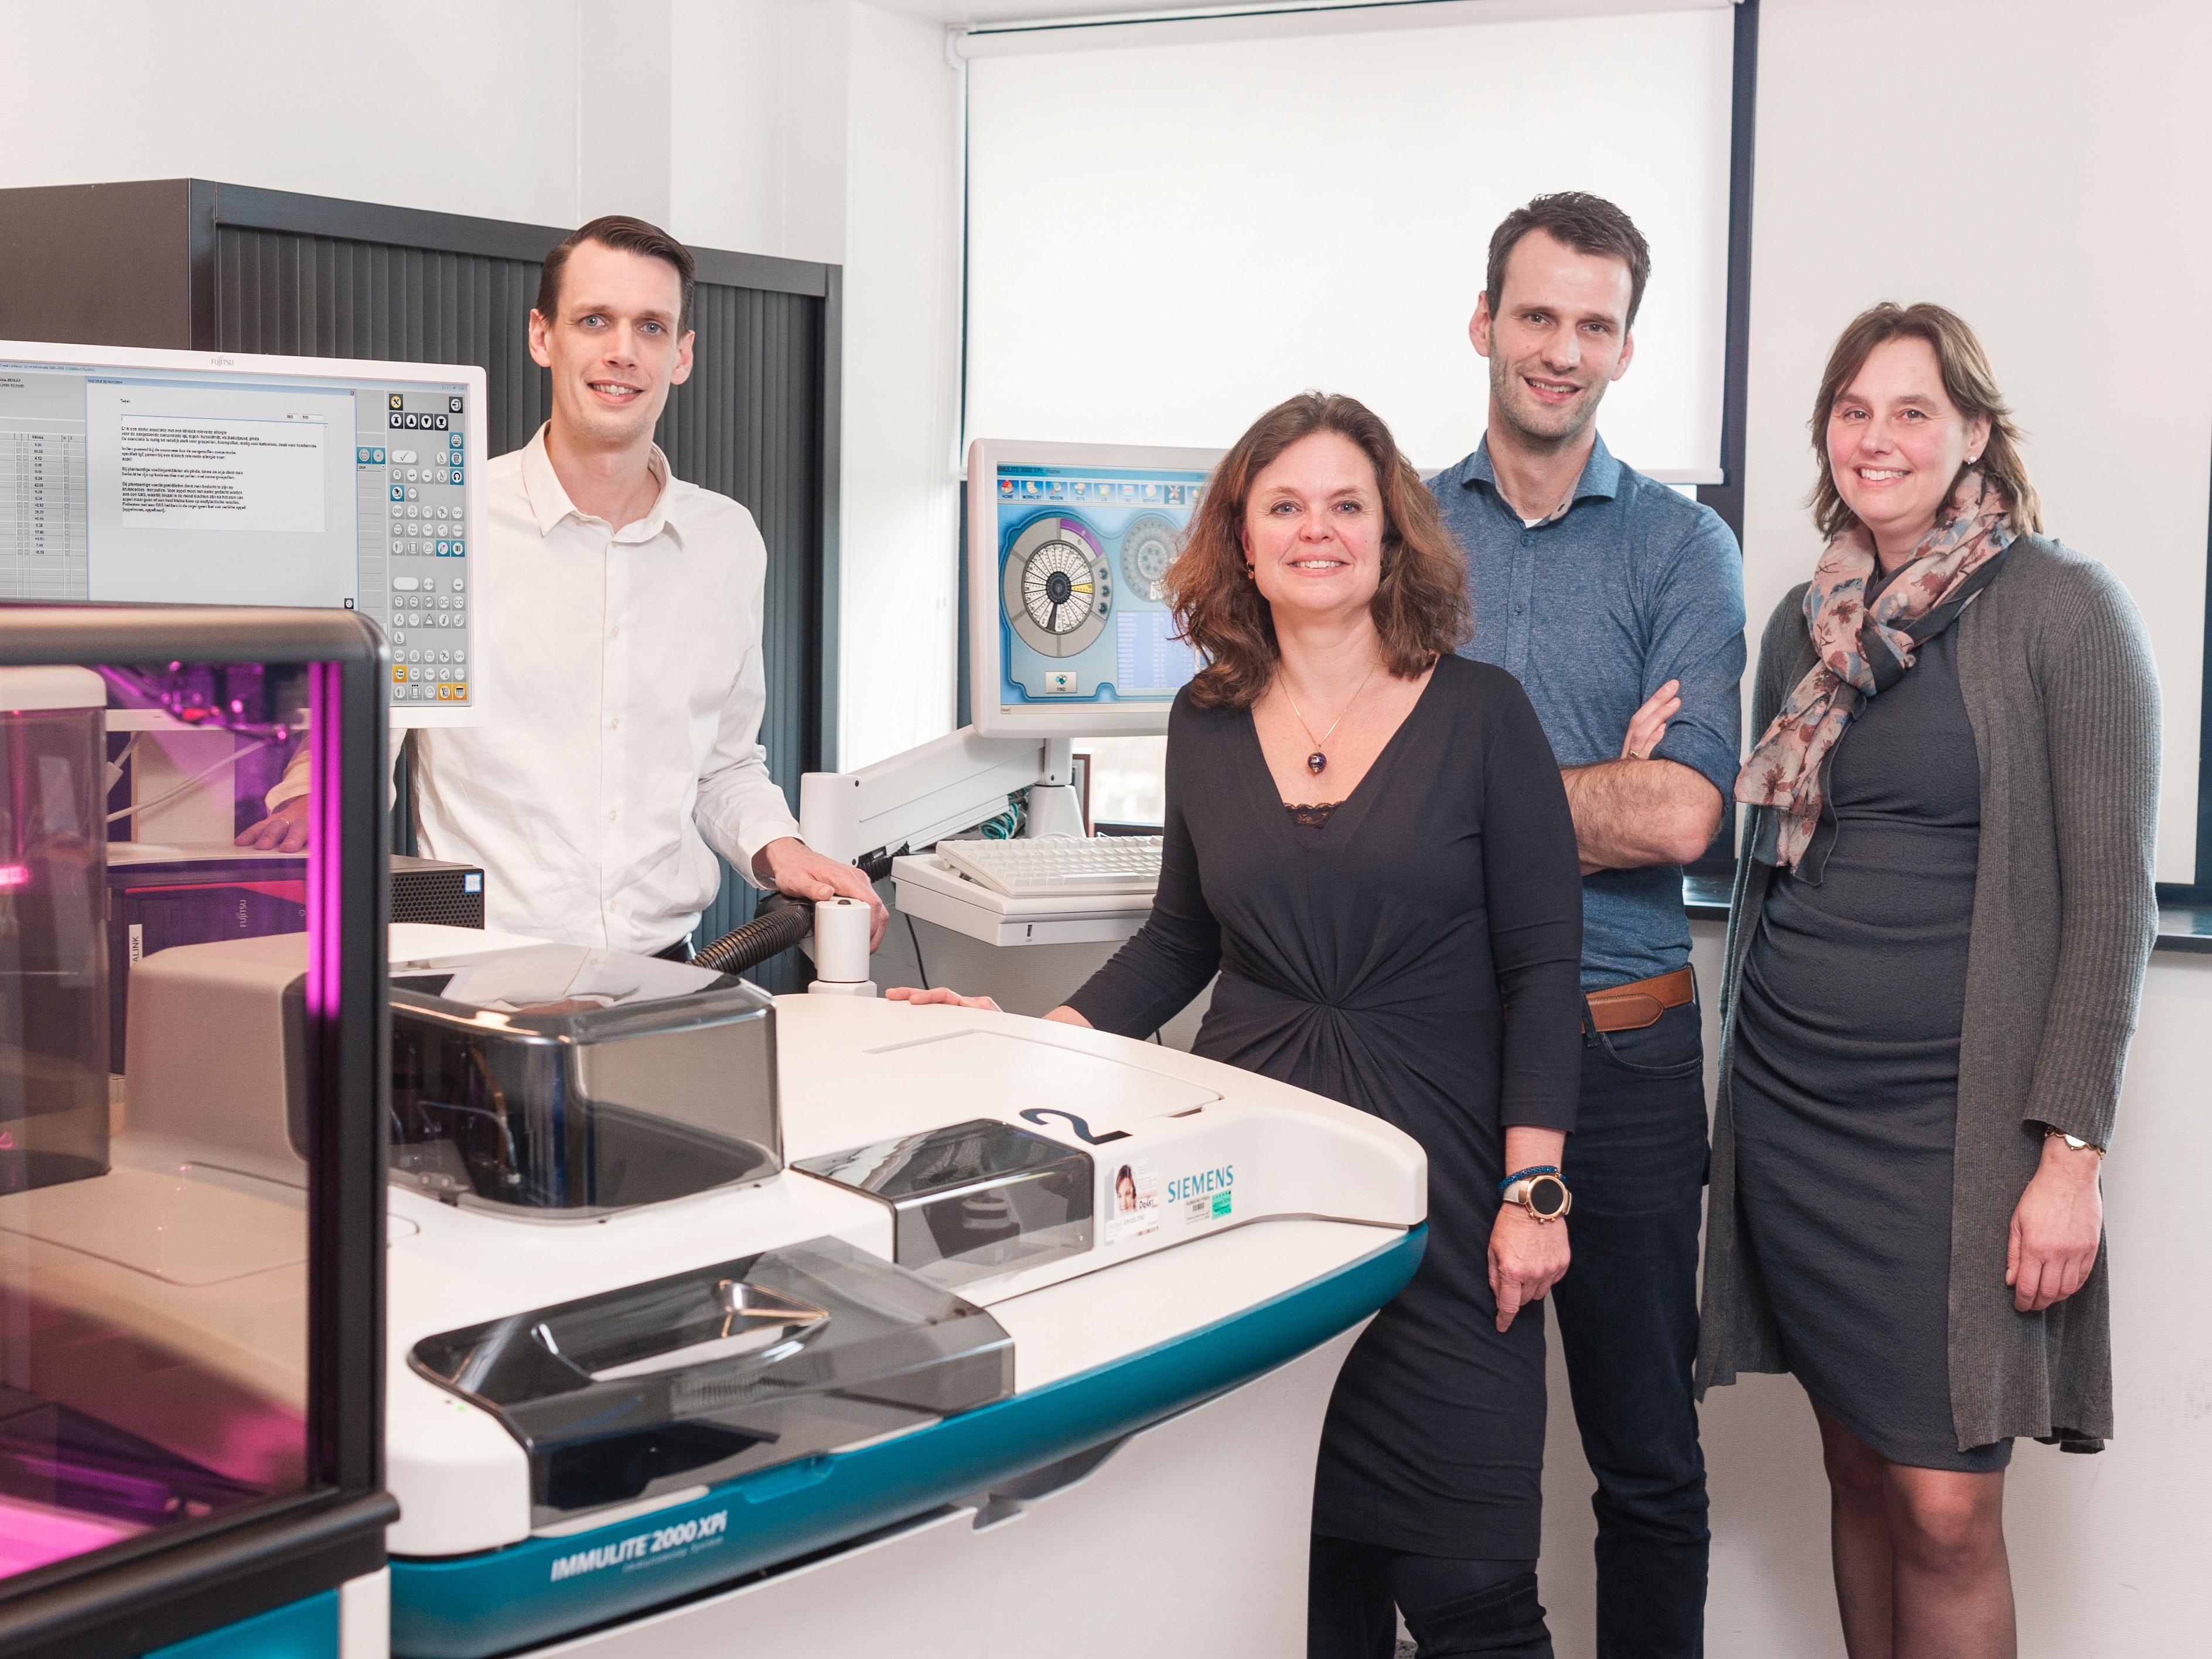 Sinds kort gebruiken de drie medisch immunologen van het Reinier Haga Medisch Diagnostisch Centrum HemaLink bij allergiediagnostiek.